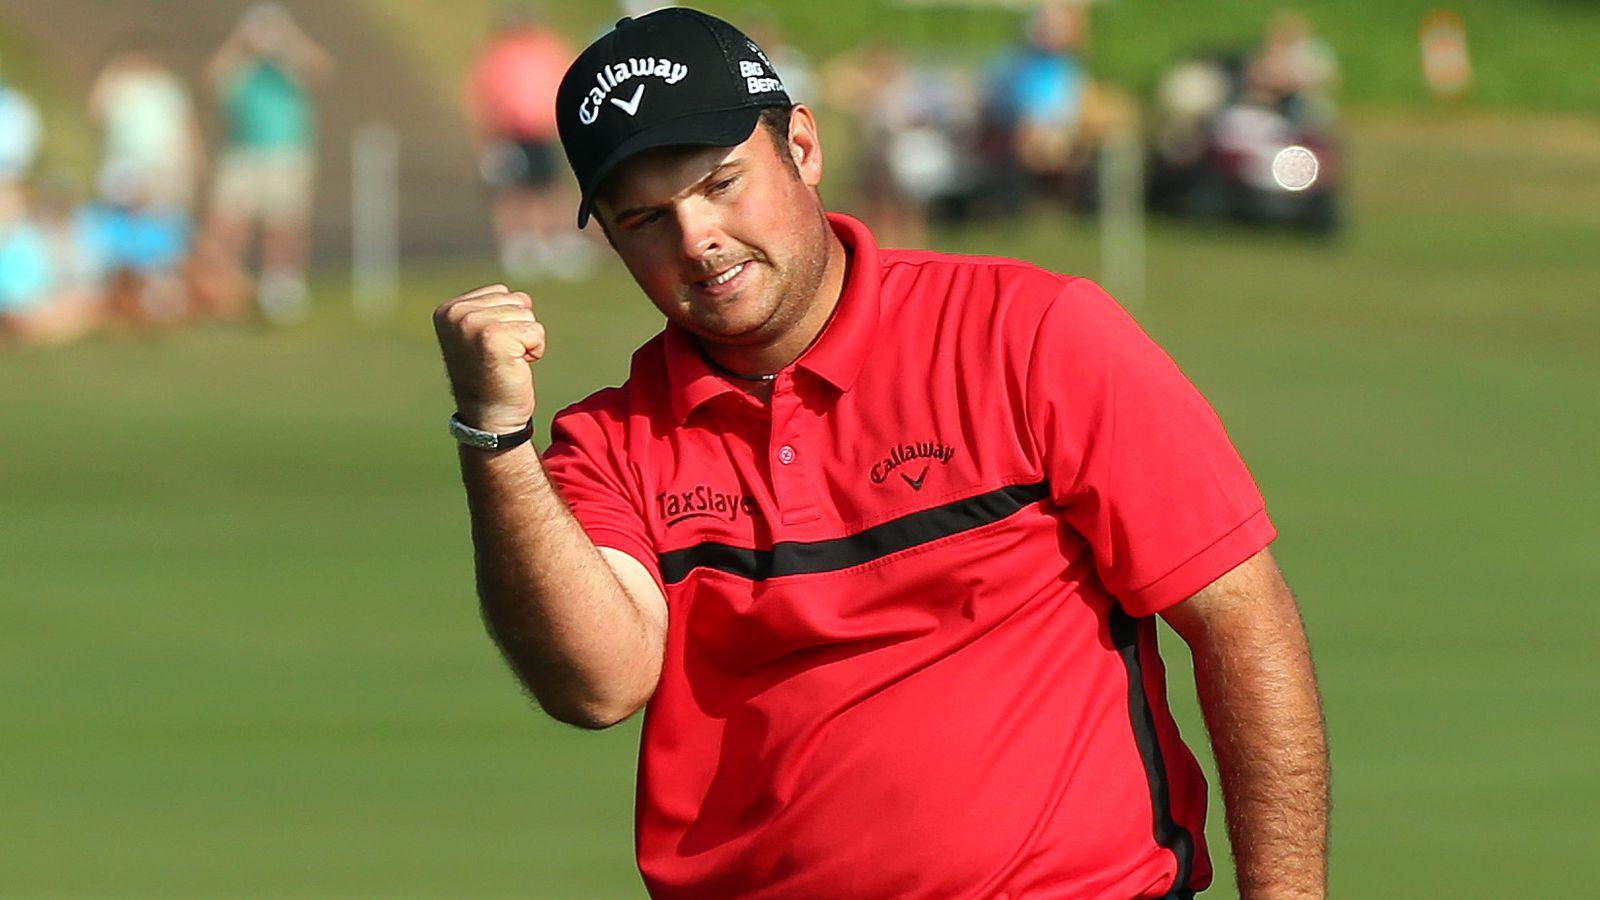 帕特里克·里德是美国队的下一个明星以及PGA巡回赛揭幕战的其他外卖